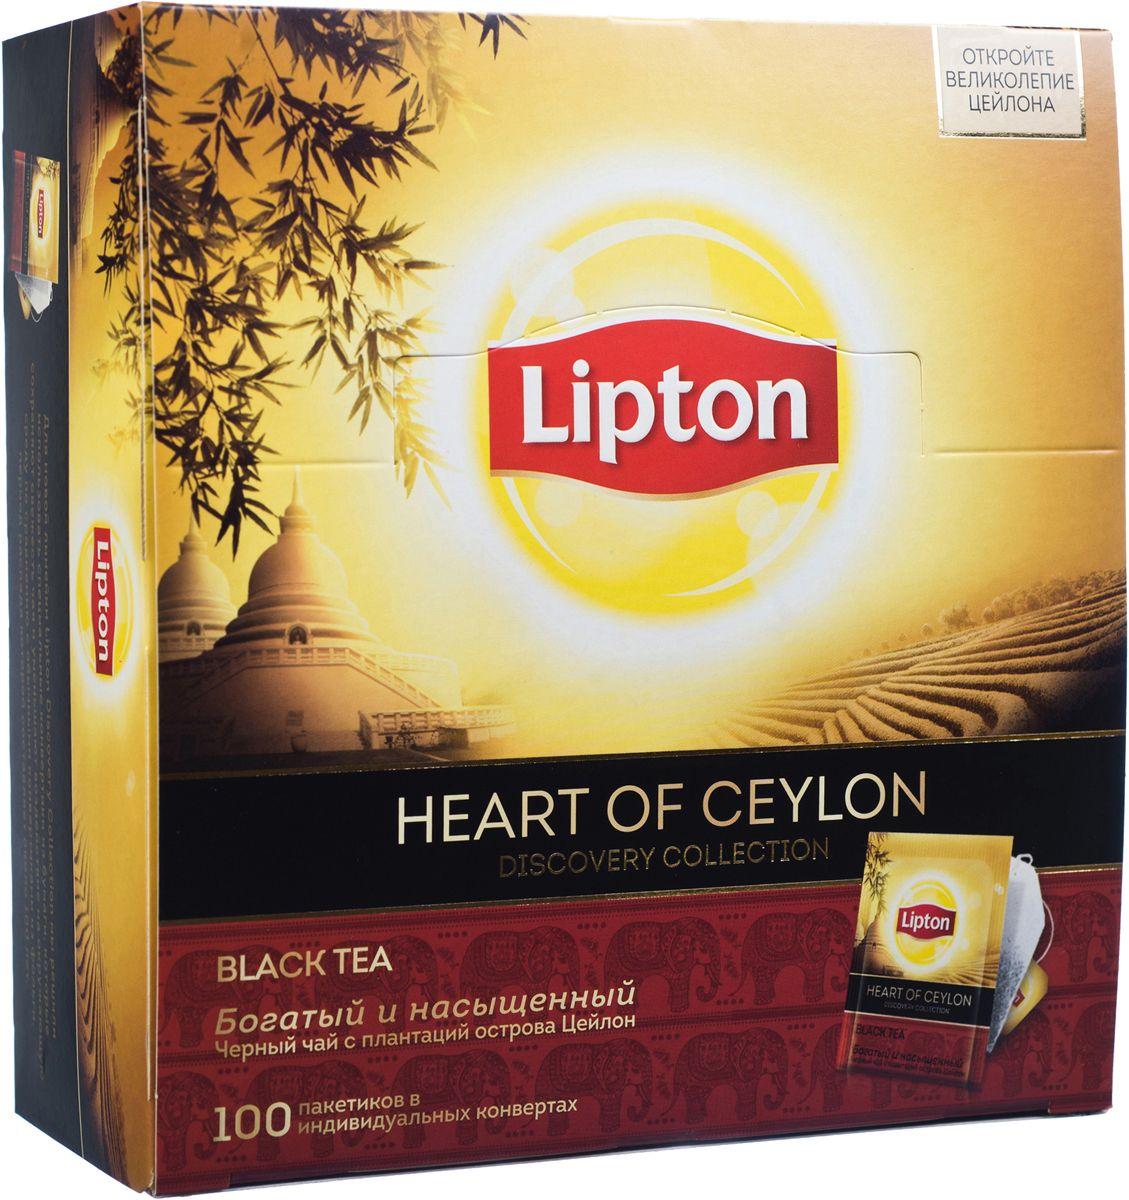 Lipton Черный чай Heart of ceylon 100 шт21187772Классический черный чай Lipton Heart of Ceylon с острова Цейлон с красно-янтарным оттенком настоя откроет великолепие жемчужины Индийского океана. Нежные чайные листочки, выращенные под теплыми лучами солнца, дарят чаю Lipton насыщенный вкус и превосходный богатый аромат. Секрет чая Lipton - многолетний опыт в купажировании чая и новые технологии, которые позволяют дополнительно обогащать чай натуральным соком из свежих чайных листьев.